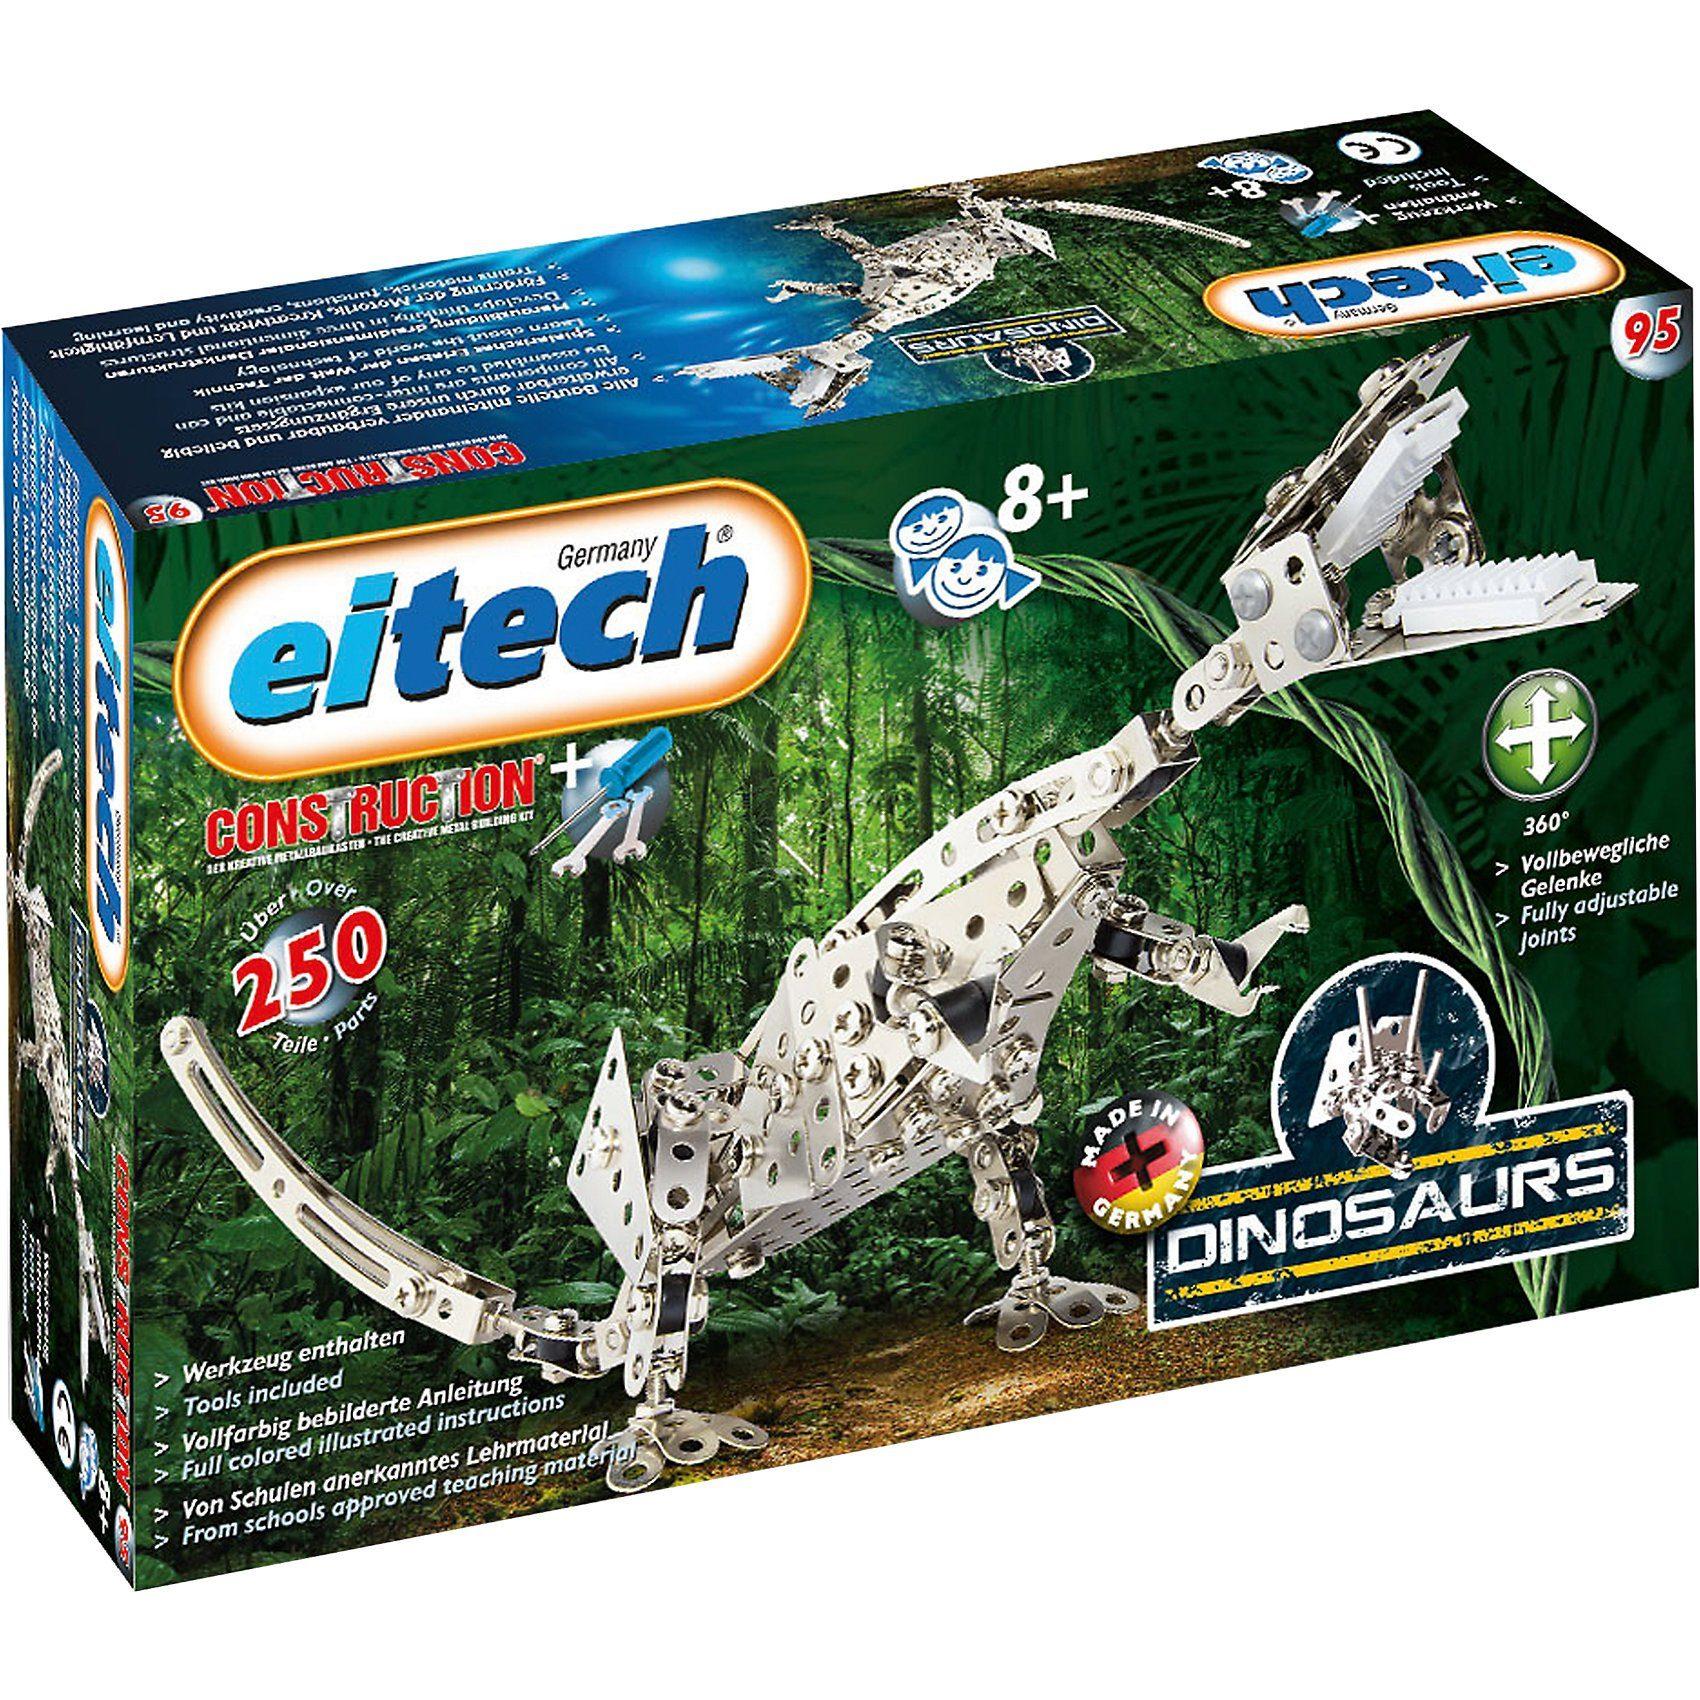 Eitech C95 EINSTEIGER Metallbaukasten - Dinosaurier T-Rex